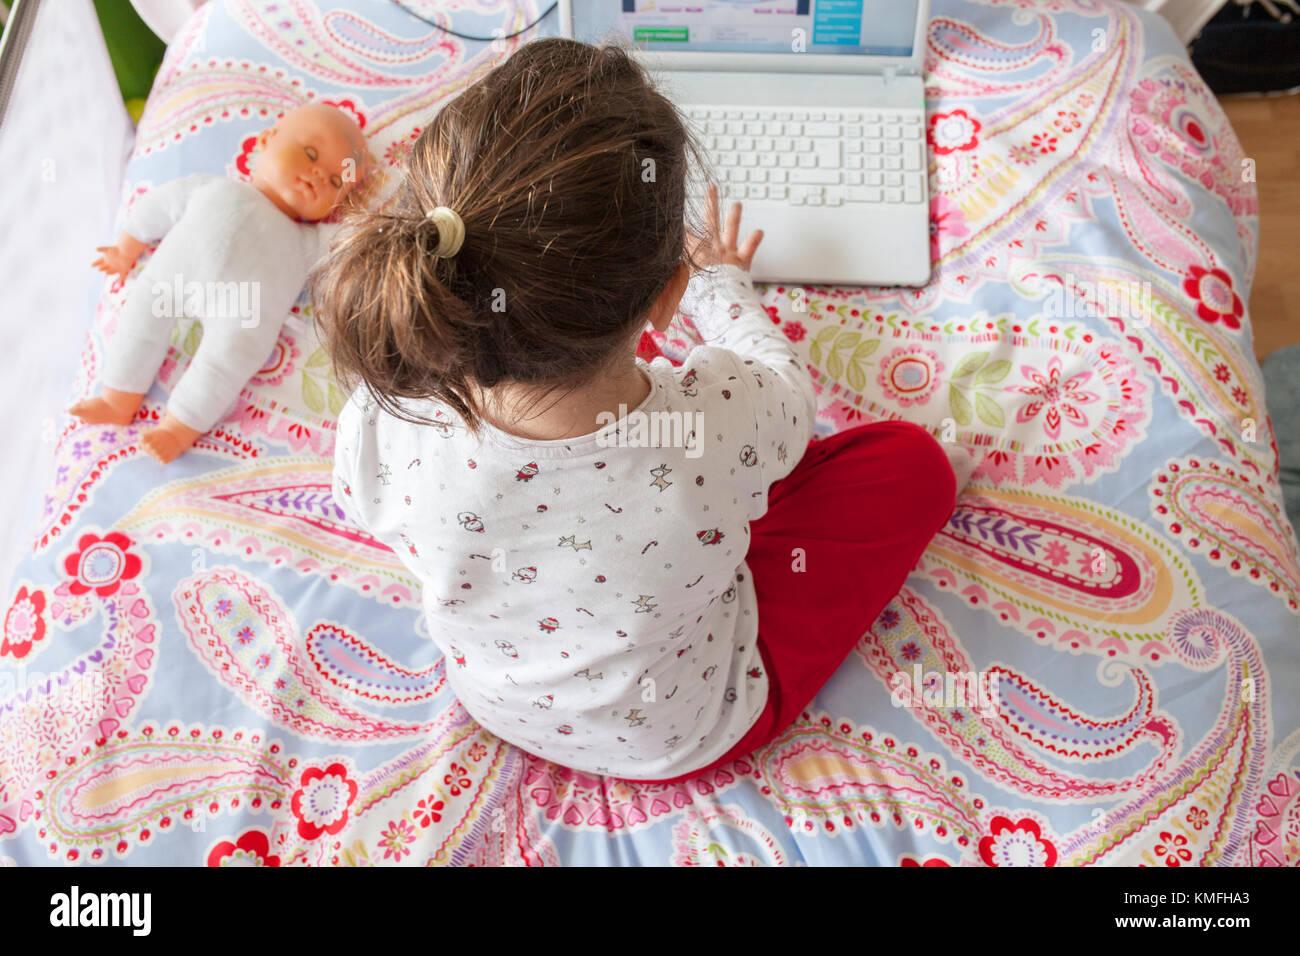 Niña sentada en la cama y jugar en línea en su dormitorio un alto ángulo de visualización. Imagen De Stock